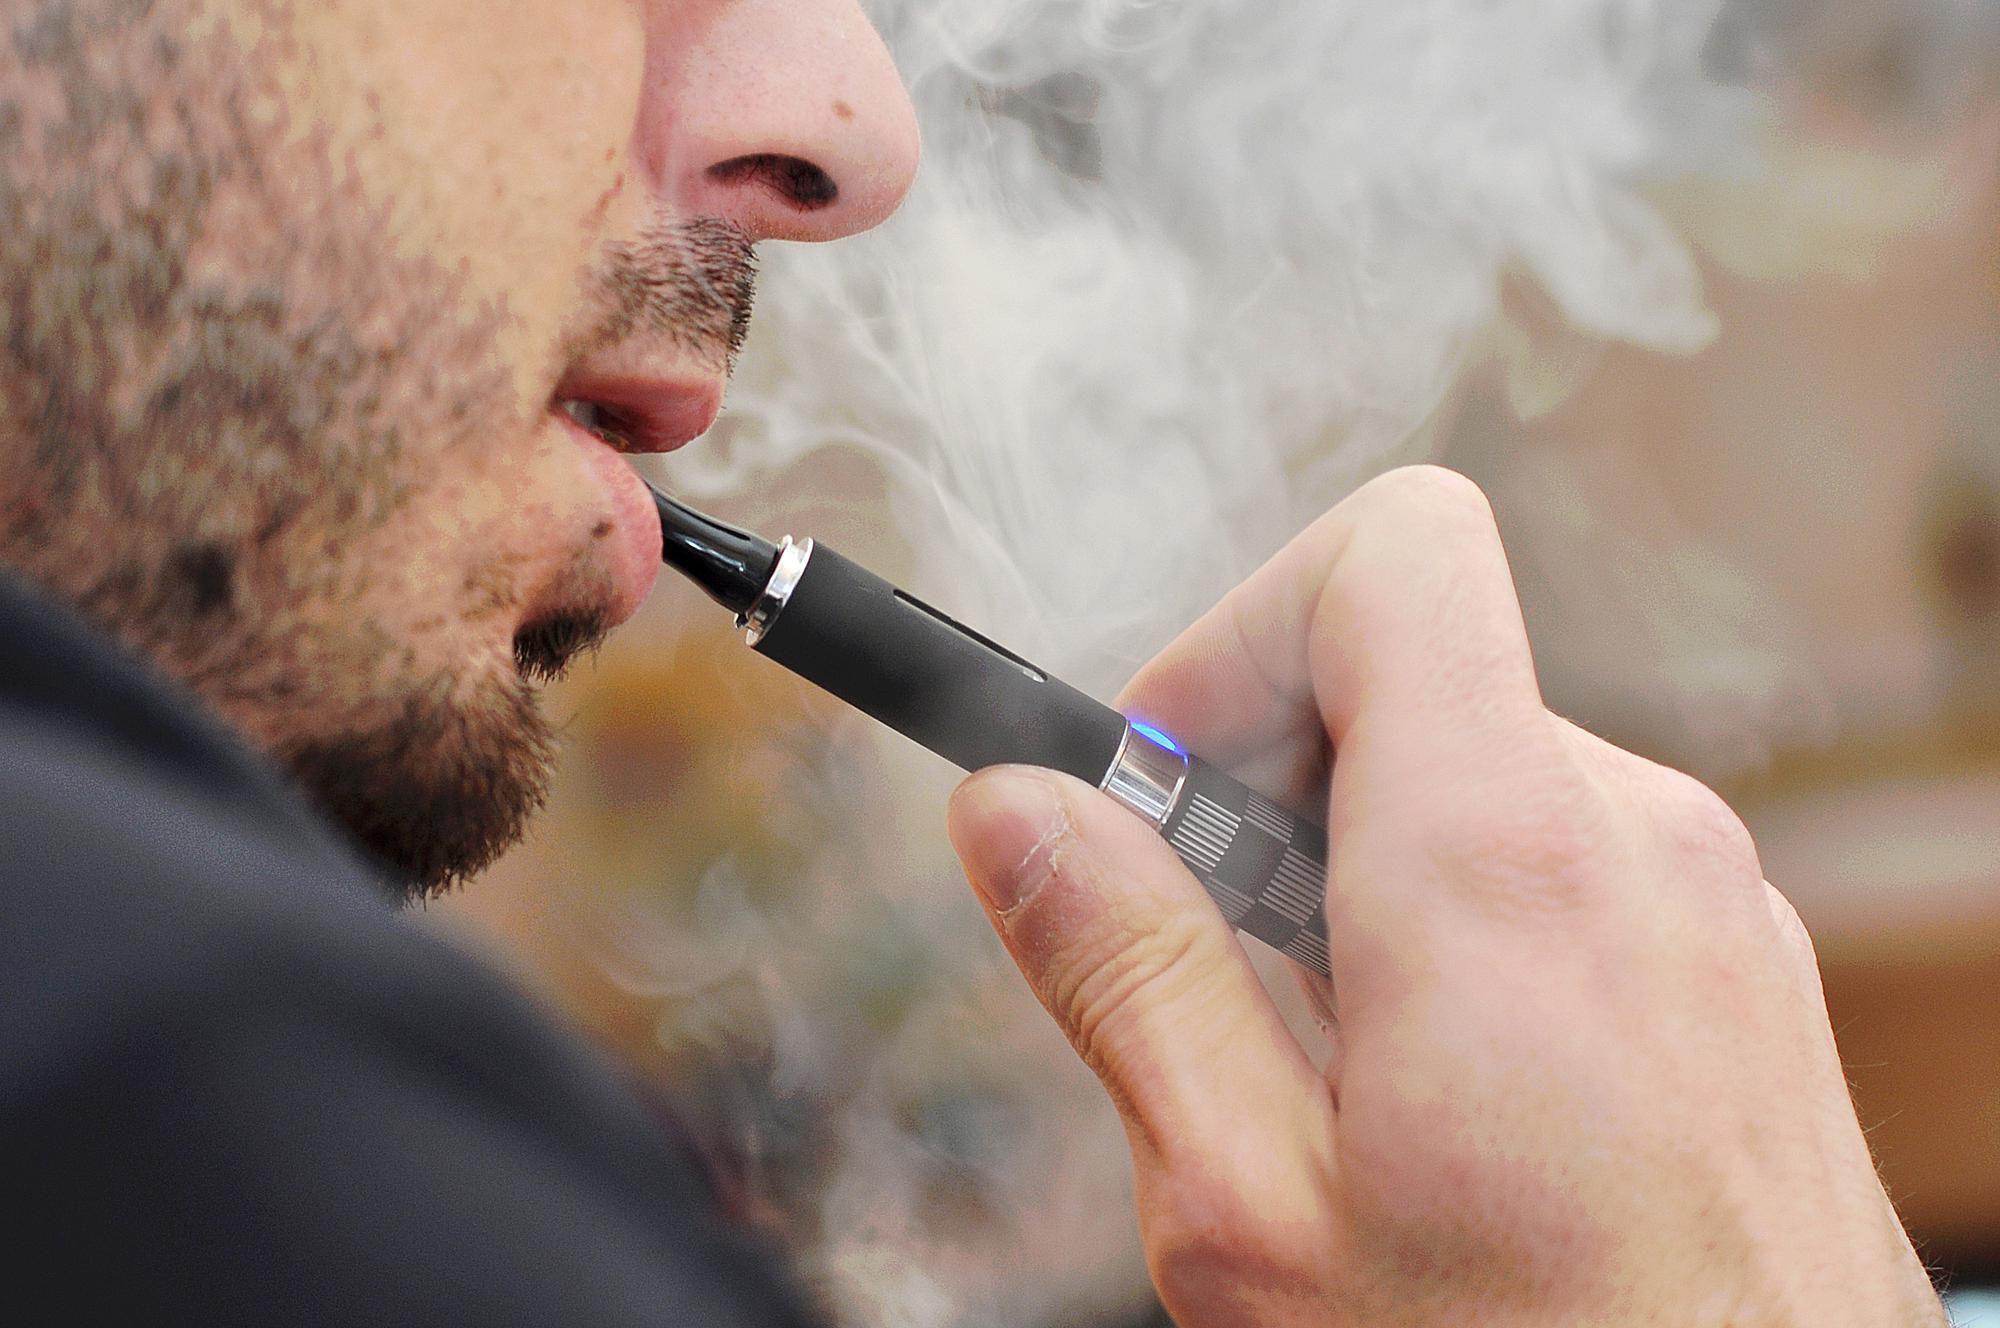 4 факта об электронных сигаретах, которые вам нужно знать